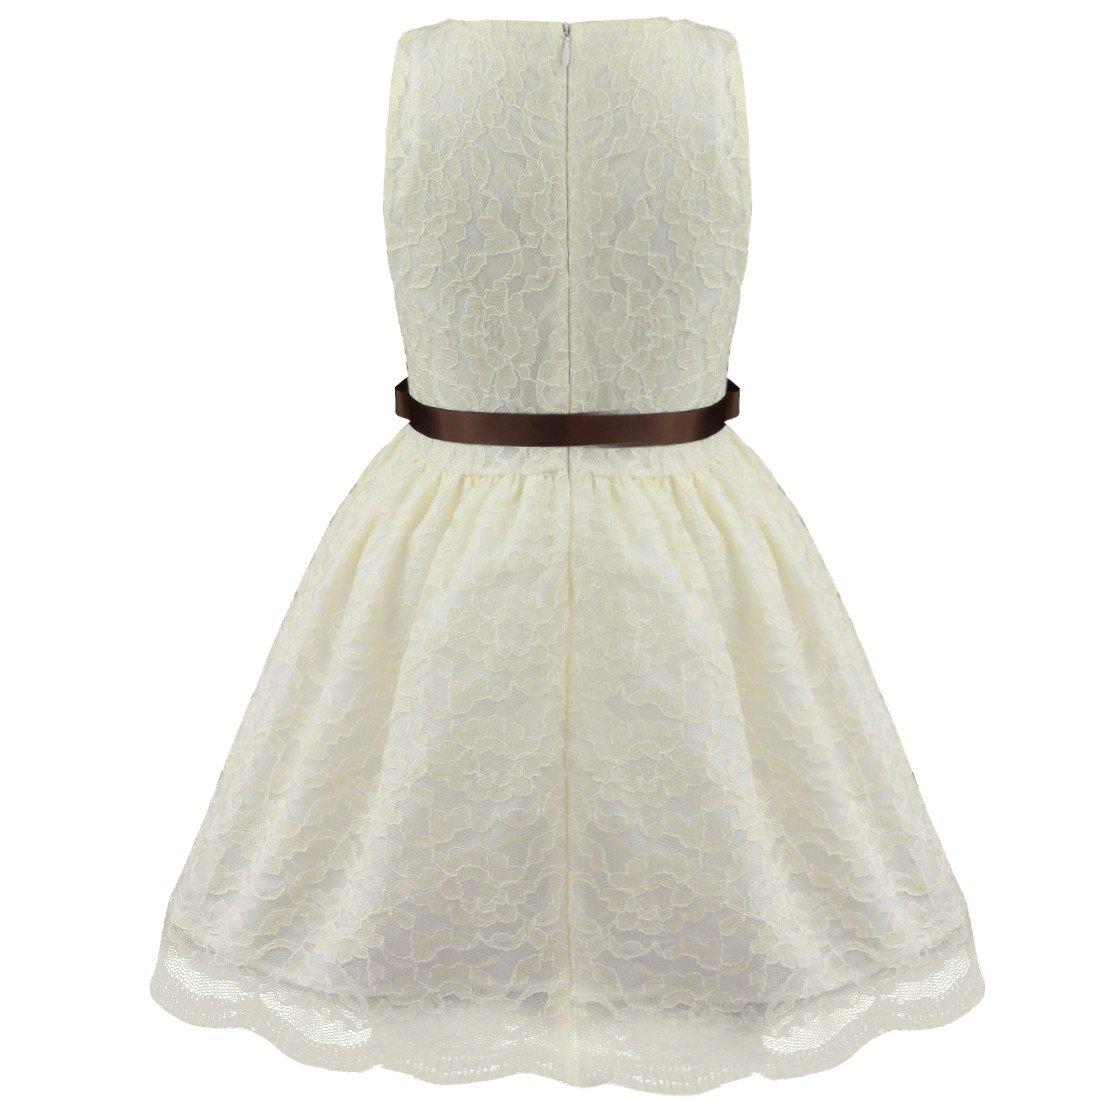 iEFiEL Vestidos Elegantes de Encaje Floreado de Princesa sin Mangas de Cuello Redondo para Niñas Bebés: Amazon.es: Ropa y accesorios